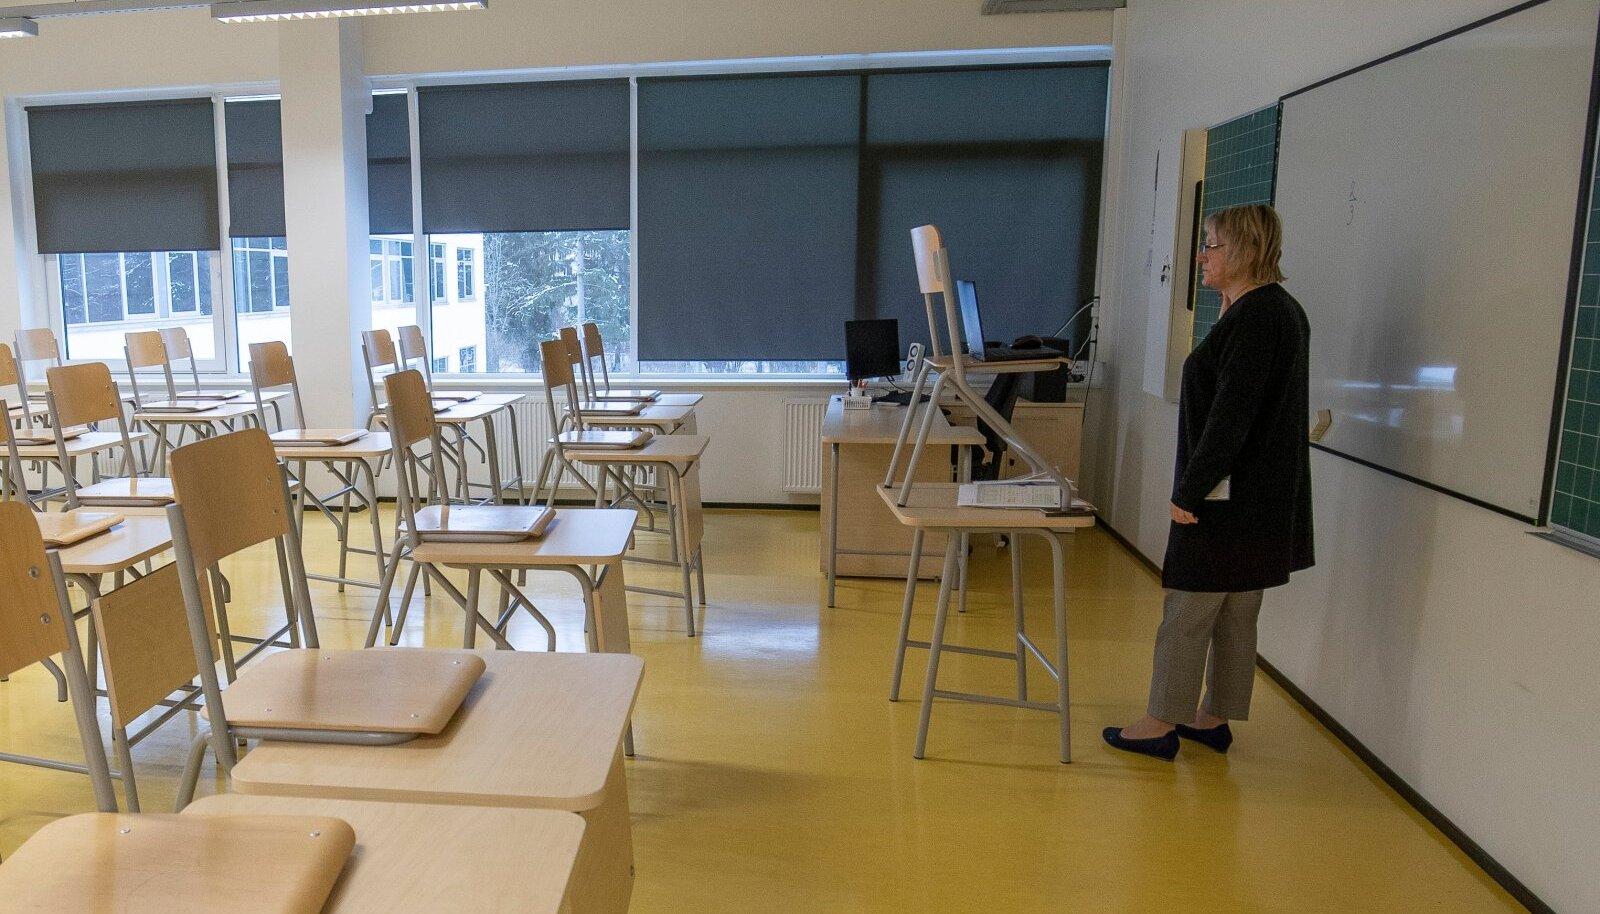 Õpetaja kodus viibivatele õpilastele tundi andmas